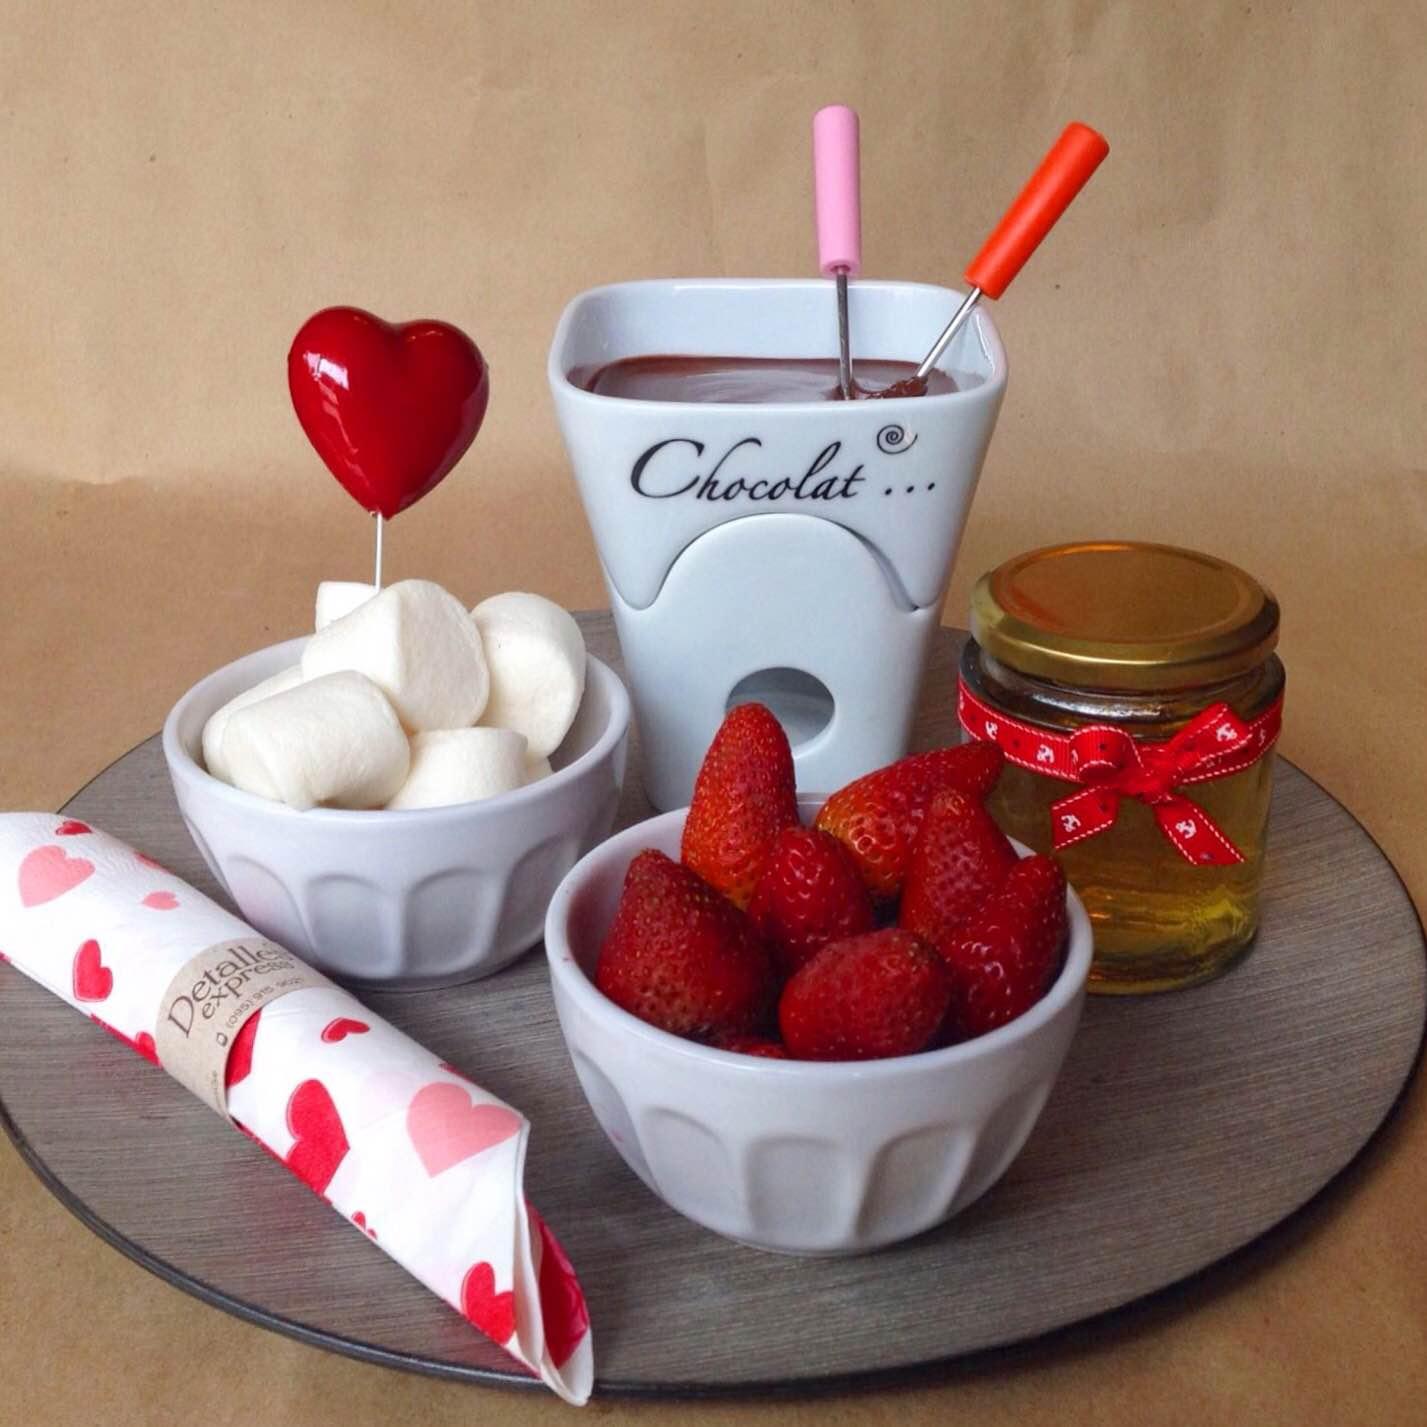 Fondue de chocolate detalles express desayunos y - Regala un desayuno a domicilio ...